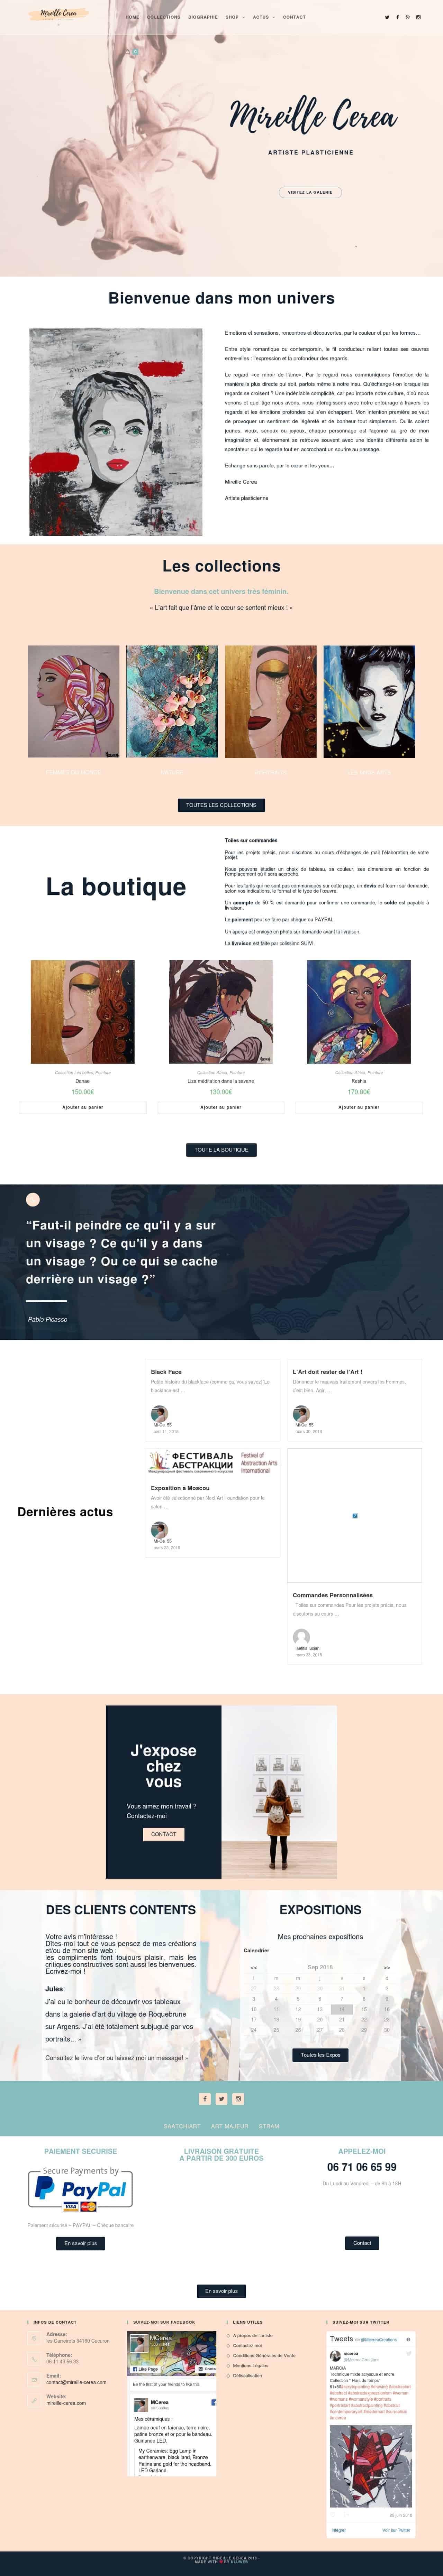 Refonte du site web de l'artiste Mireille Cerea par Uluweb